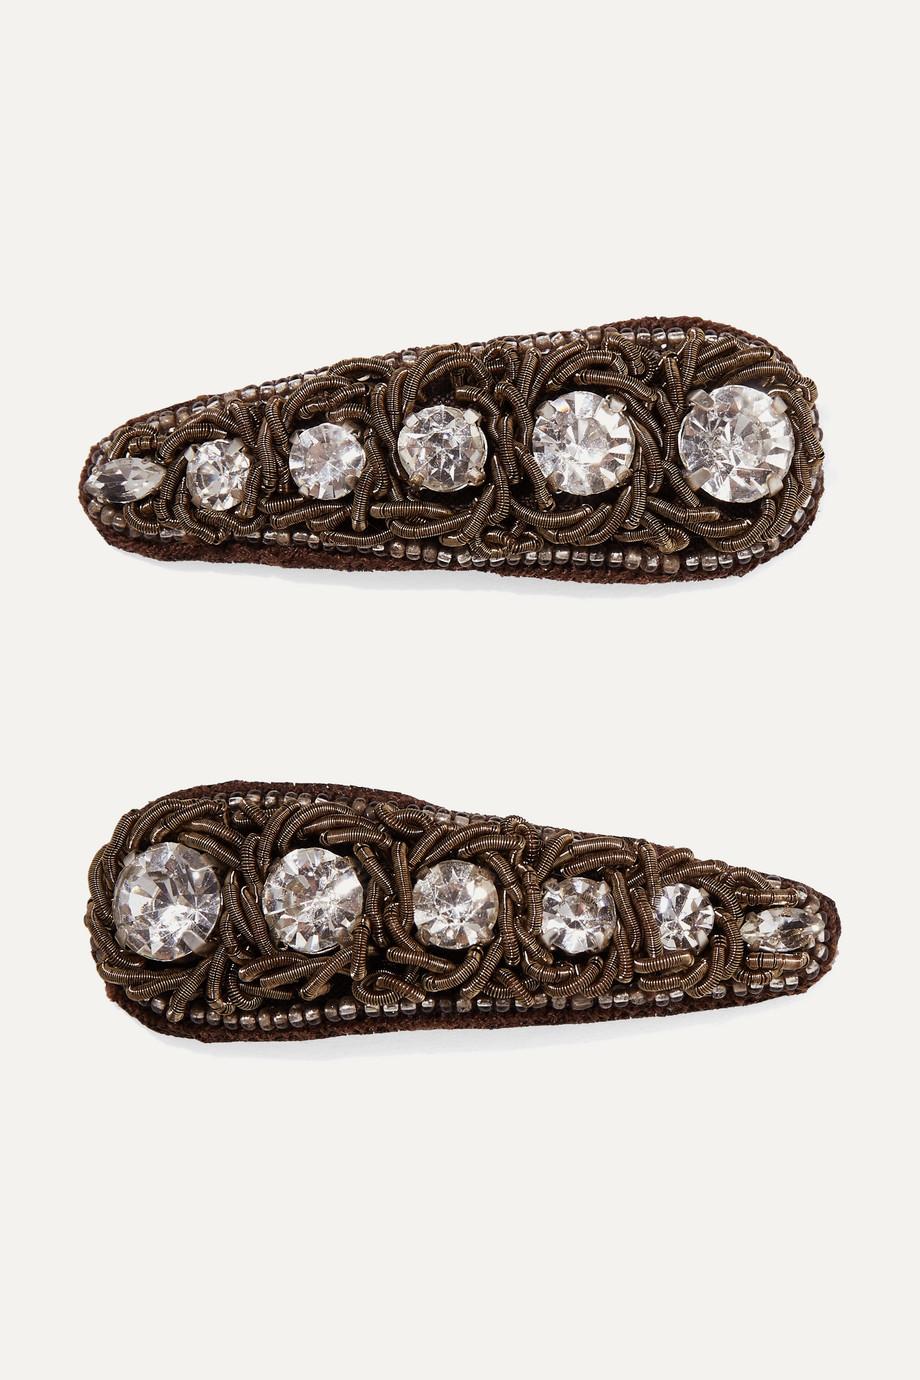 Ranjana Khan 帆布、水晶、铜色发夹(两只装)